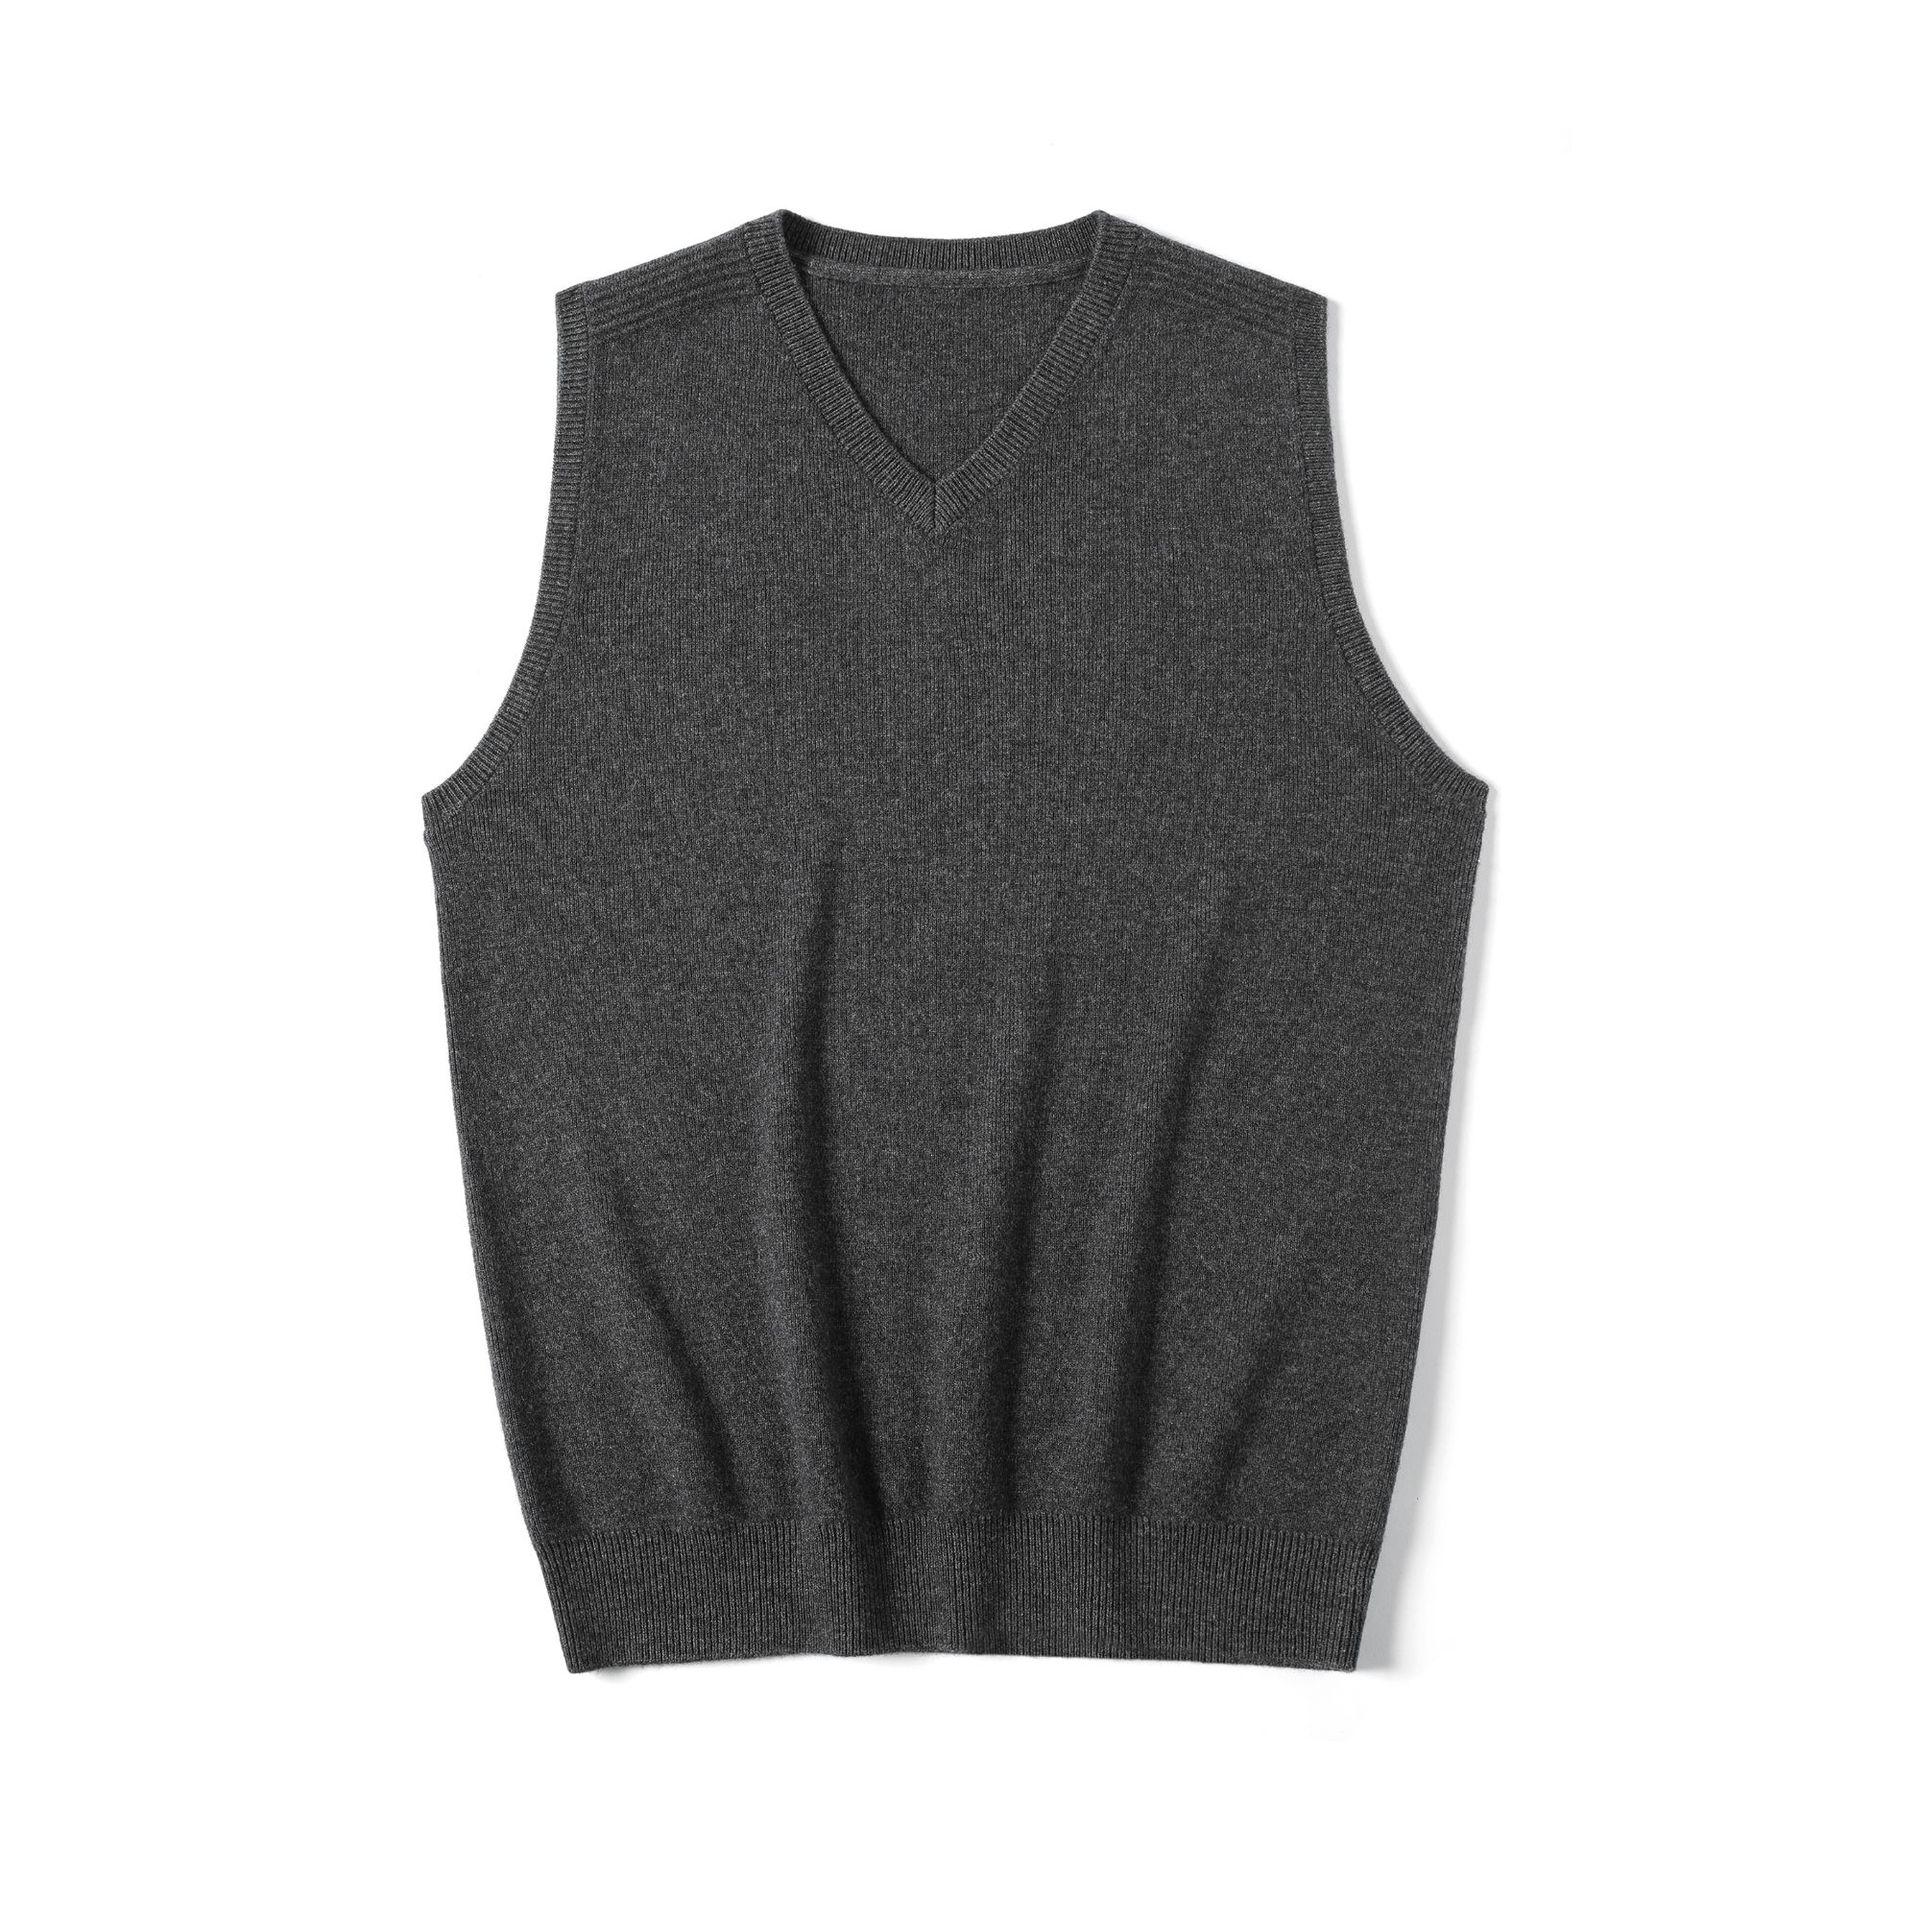 「衣道至简」秋冬新款黑灰色绵羊毛马甲背心基本款v领无袖针织衫